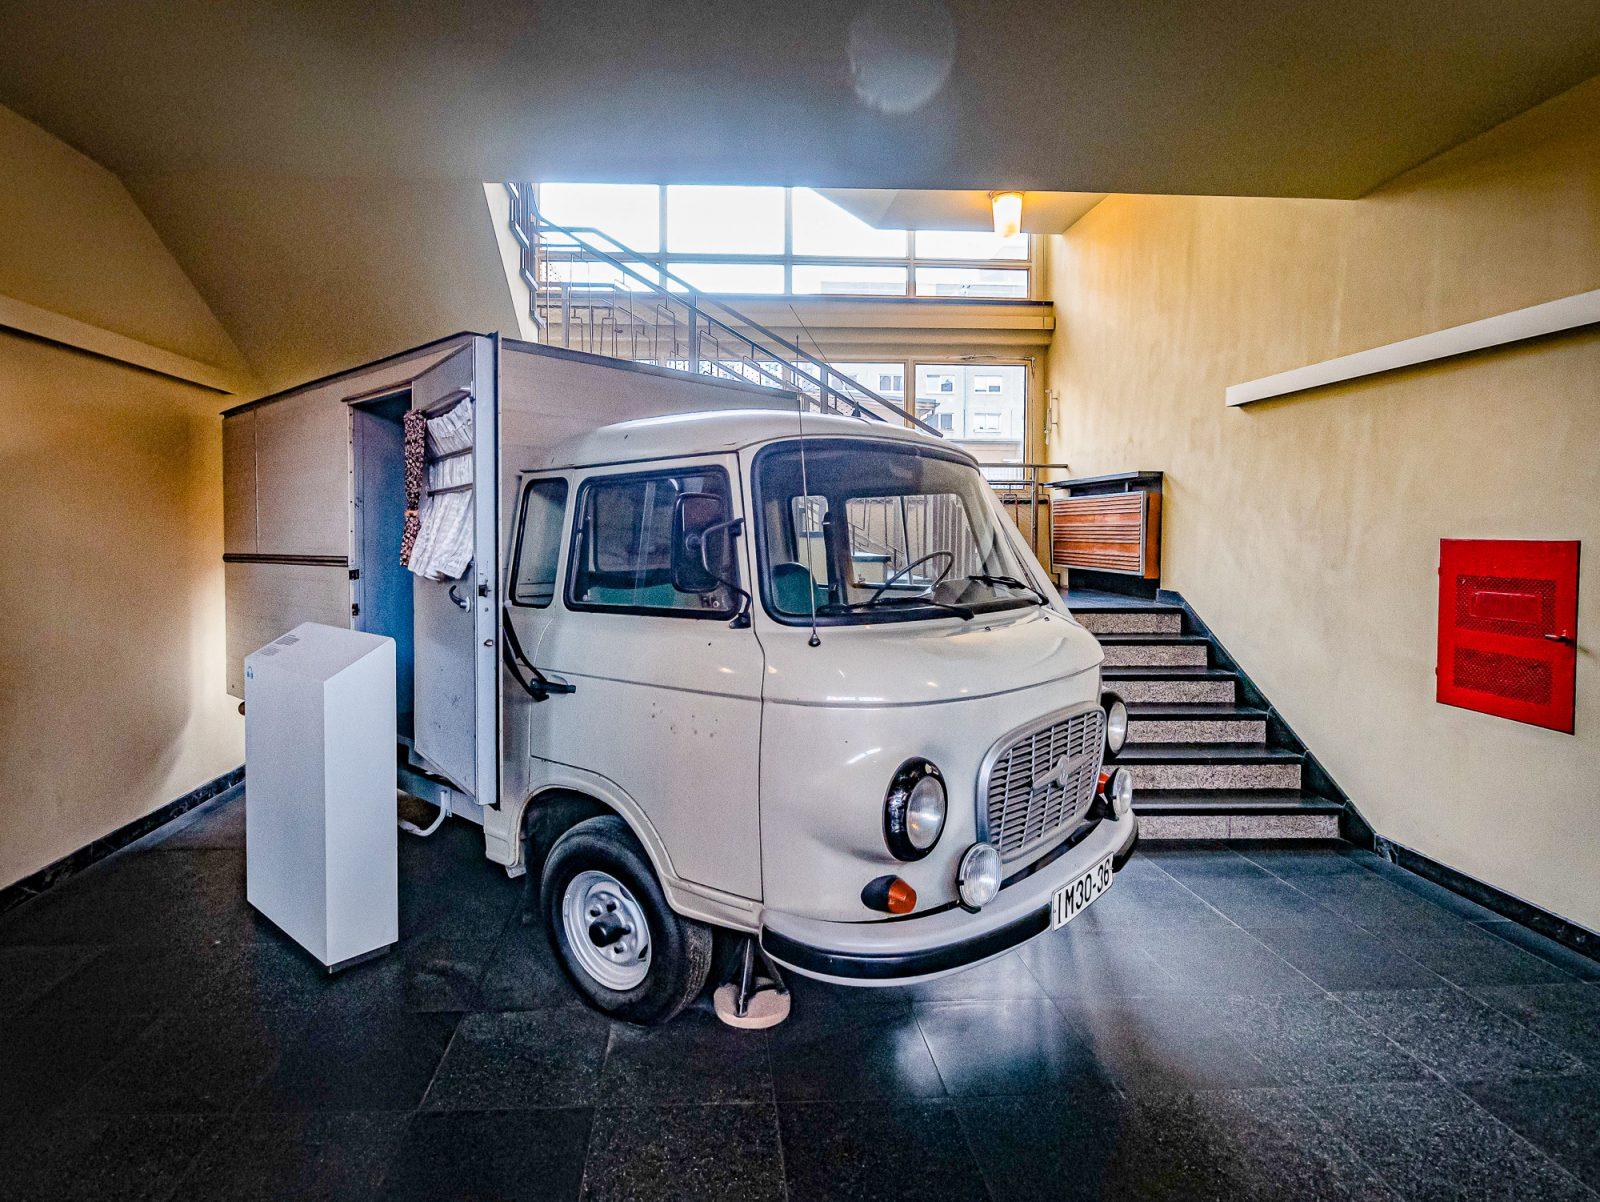 Im Stasimuseum wird auch ein Gefangenentransporter ausgestellt. Foto: Imago/Jürgen Ritter